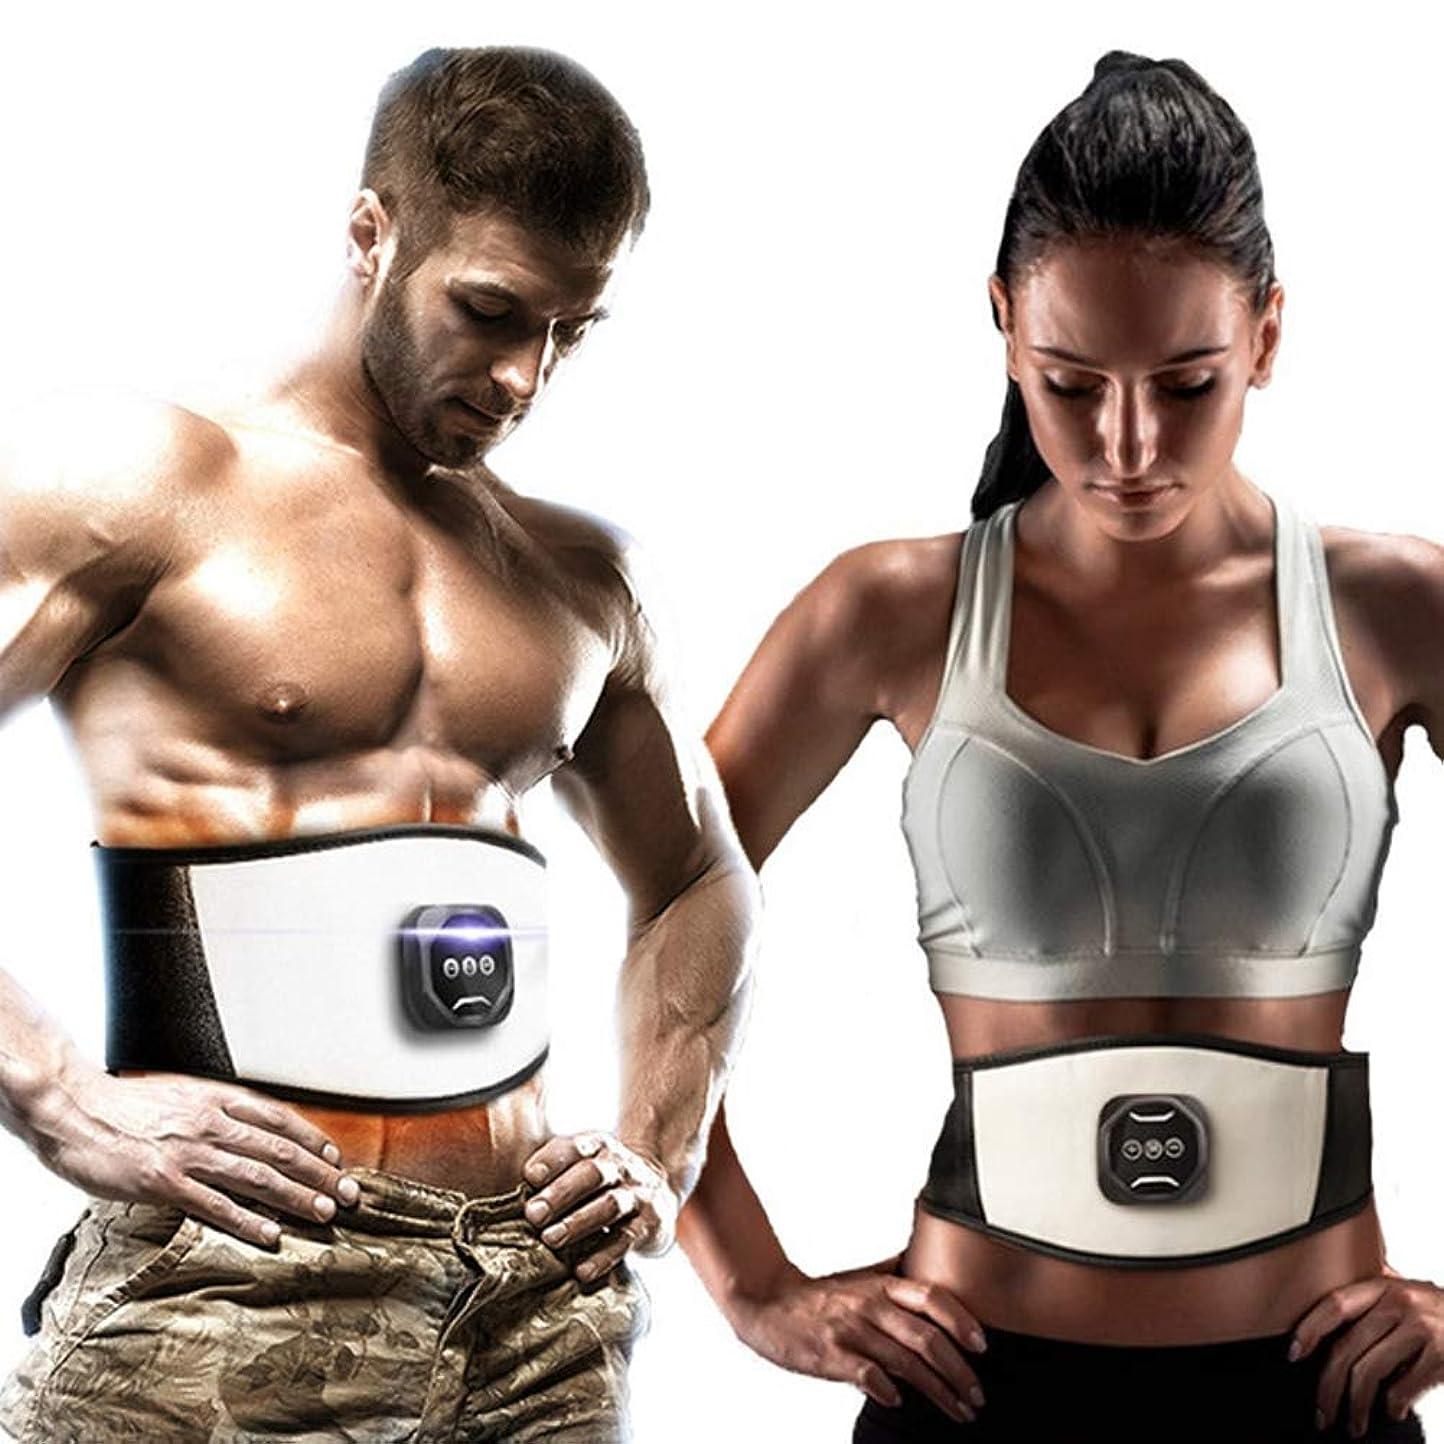 テクトニック群がるカストディアンEms電気減量機器筋肉トレーニングフィットネス機器減量美容ウエスト整形マッサージベルト,白